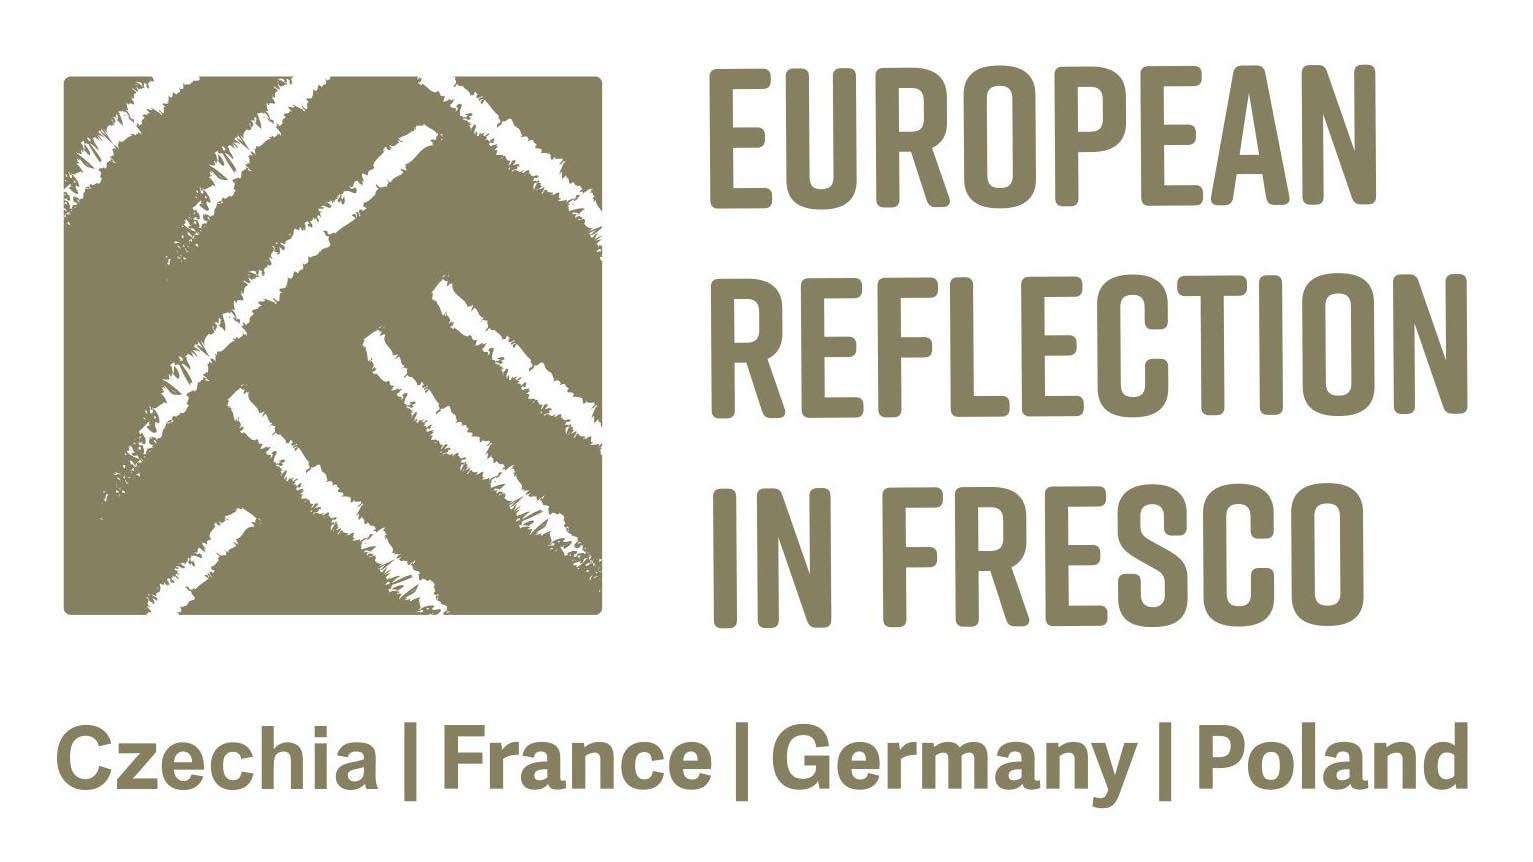 European Reflection in Fresco